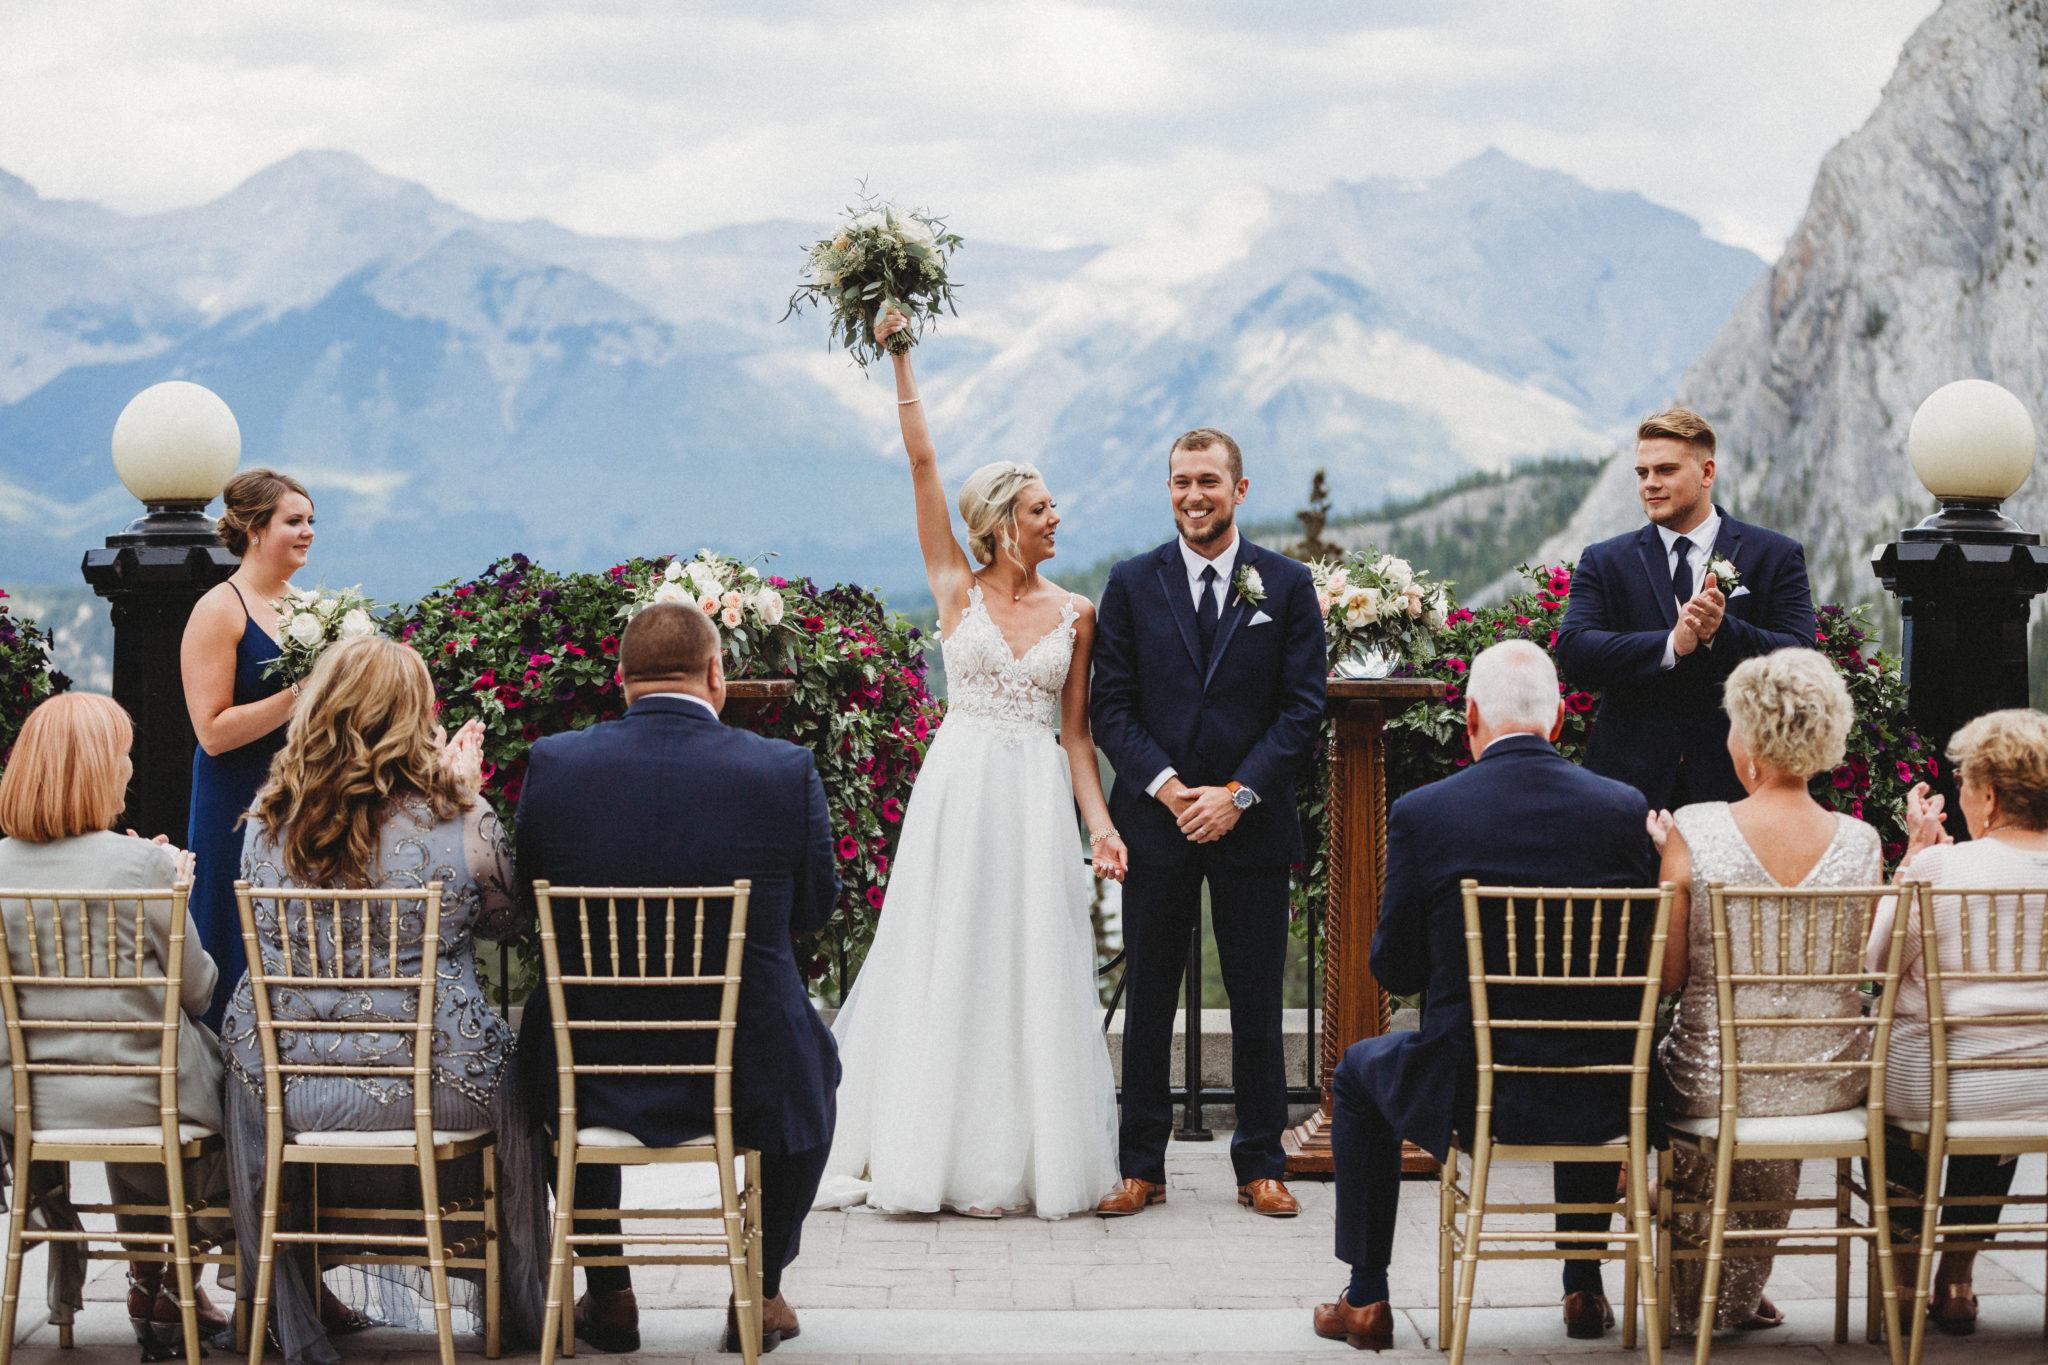 Banff-Springs-Hotel-Wedding-2